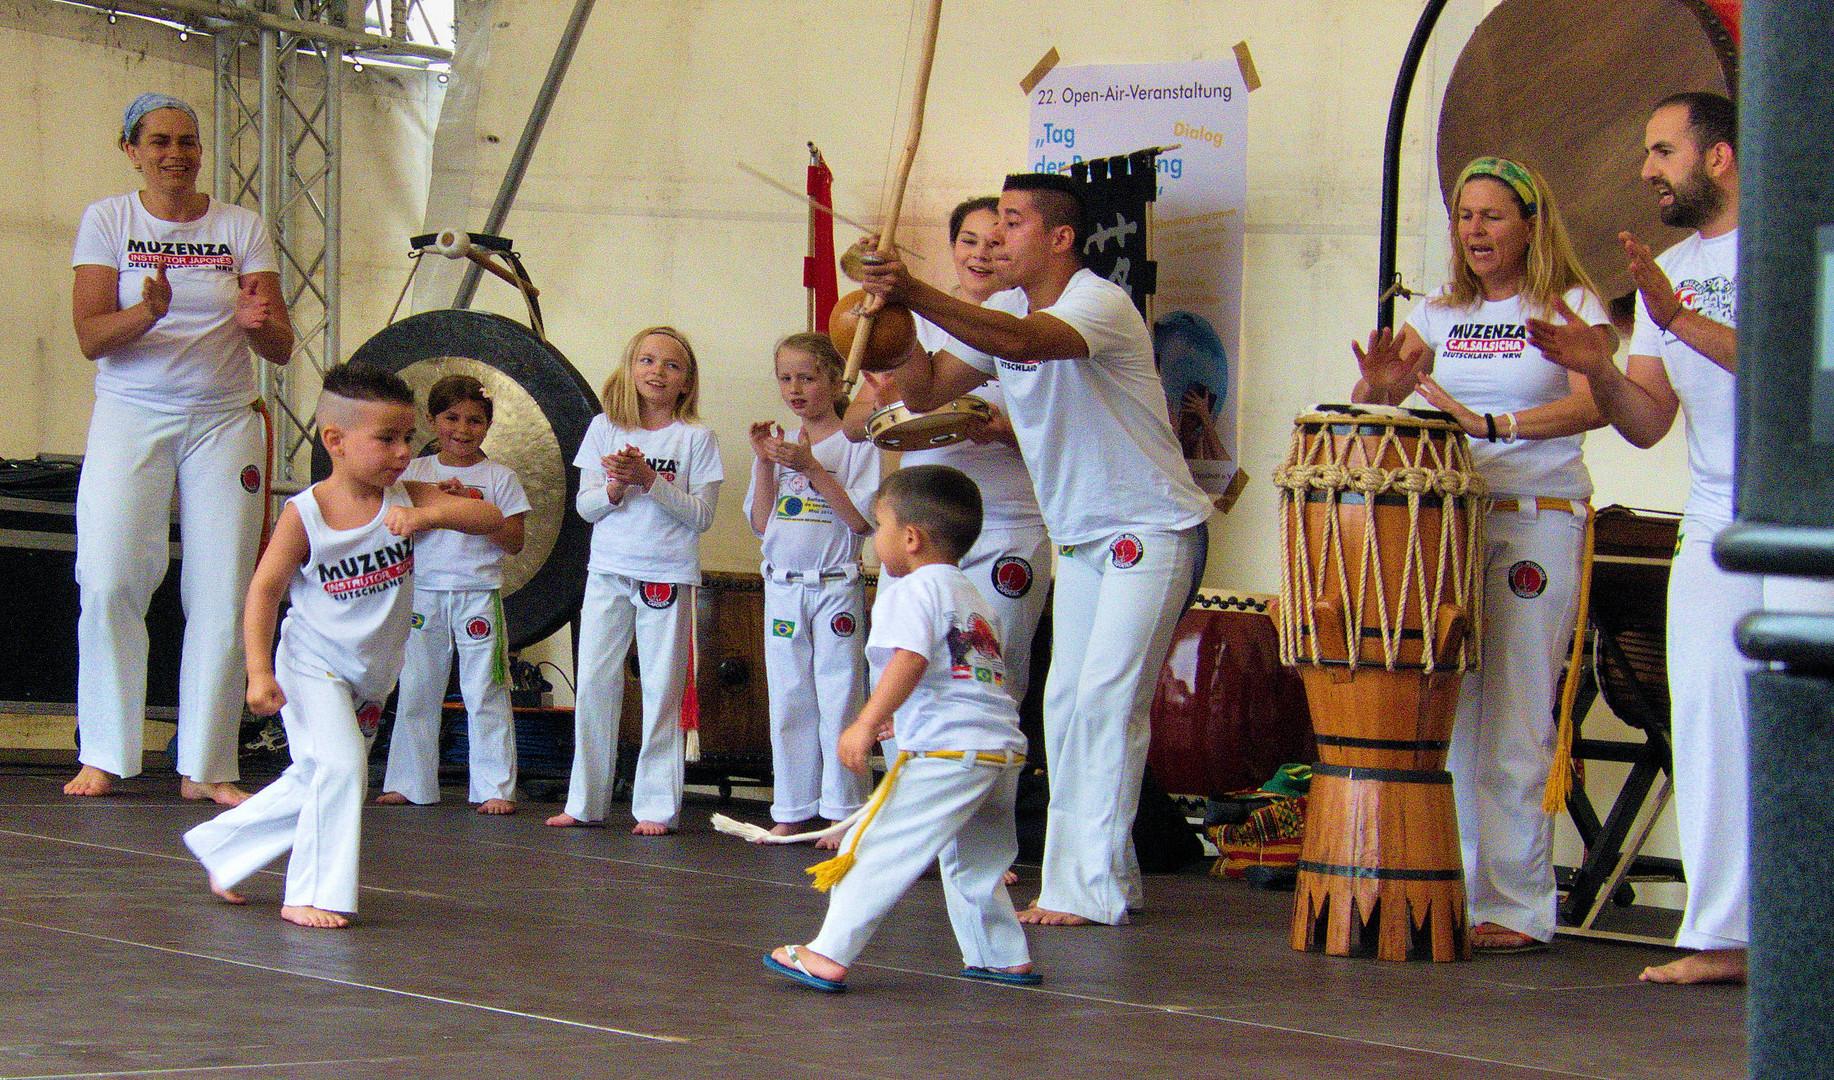 Capaeiro Sport Stadtfest Lippstadt